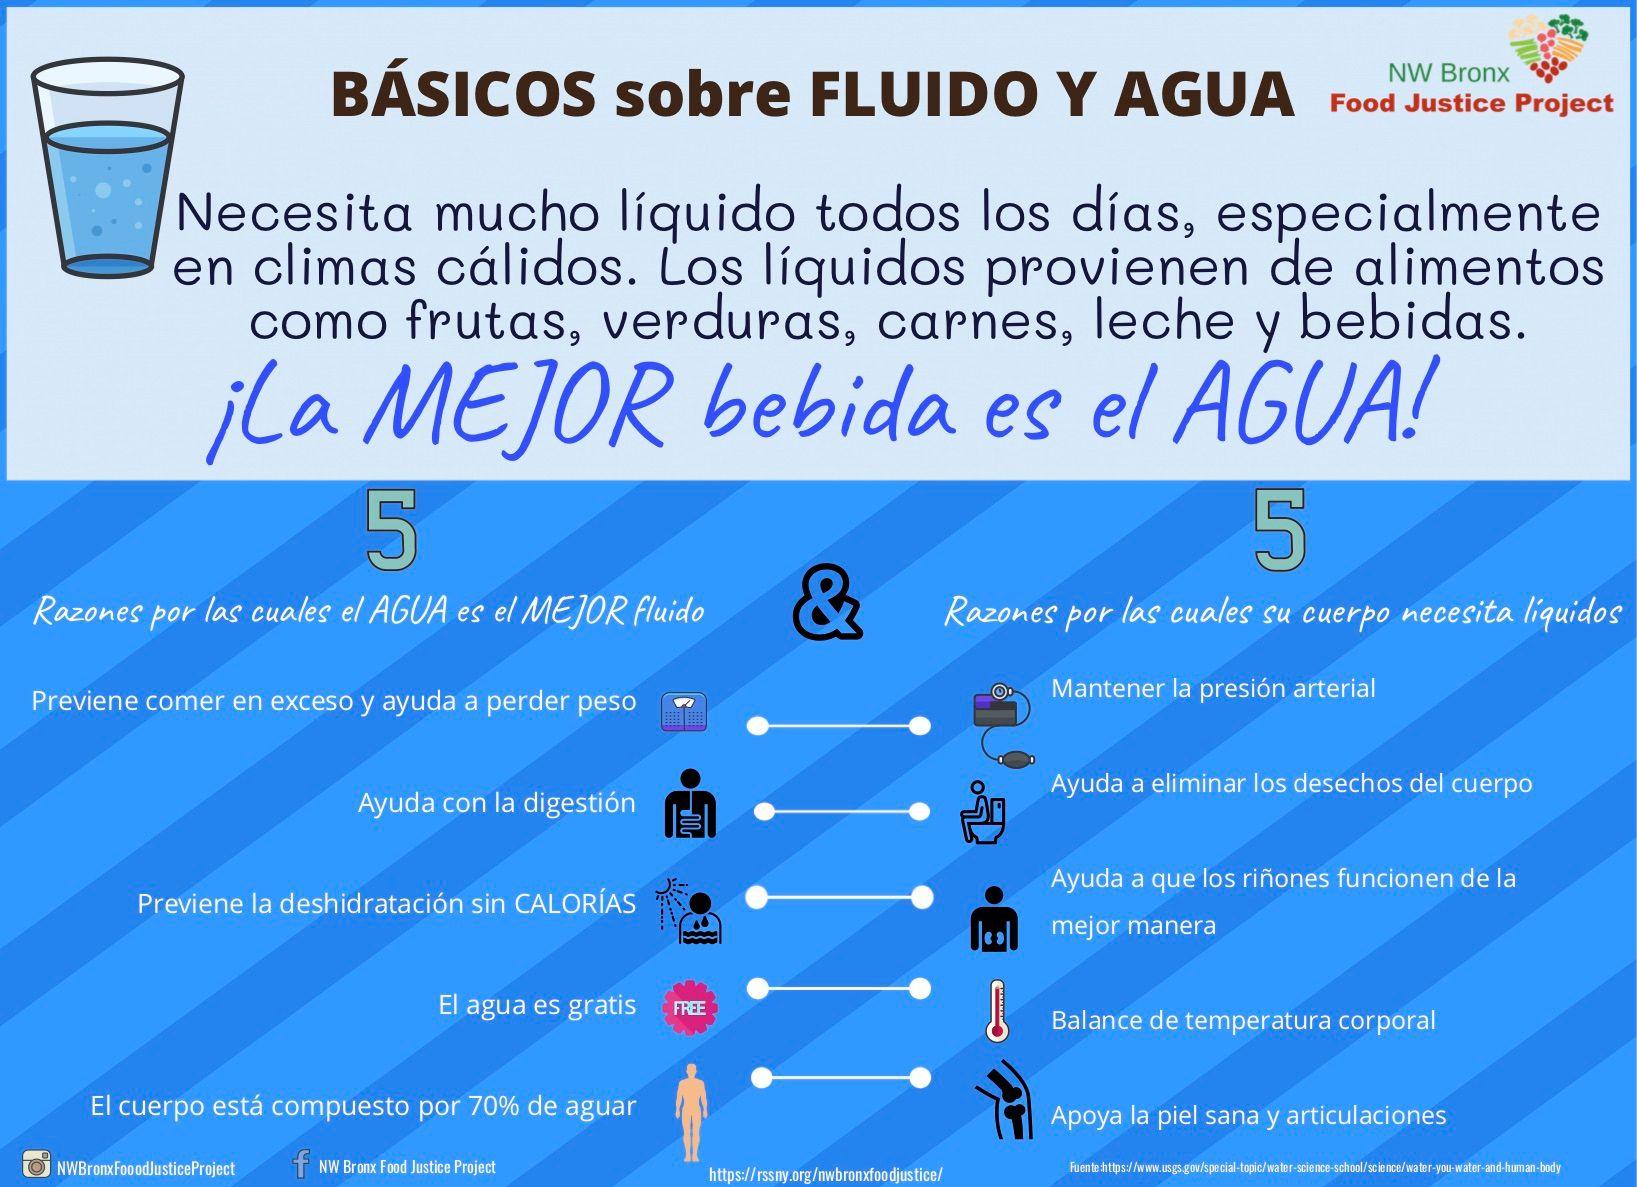 Conceptos básicos sobre fluidos y agua